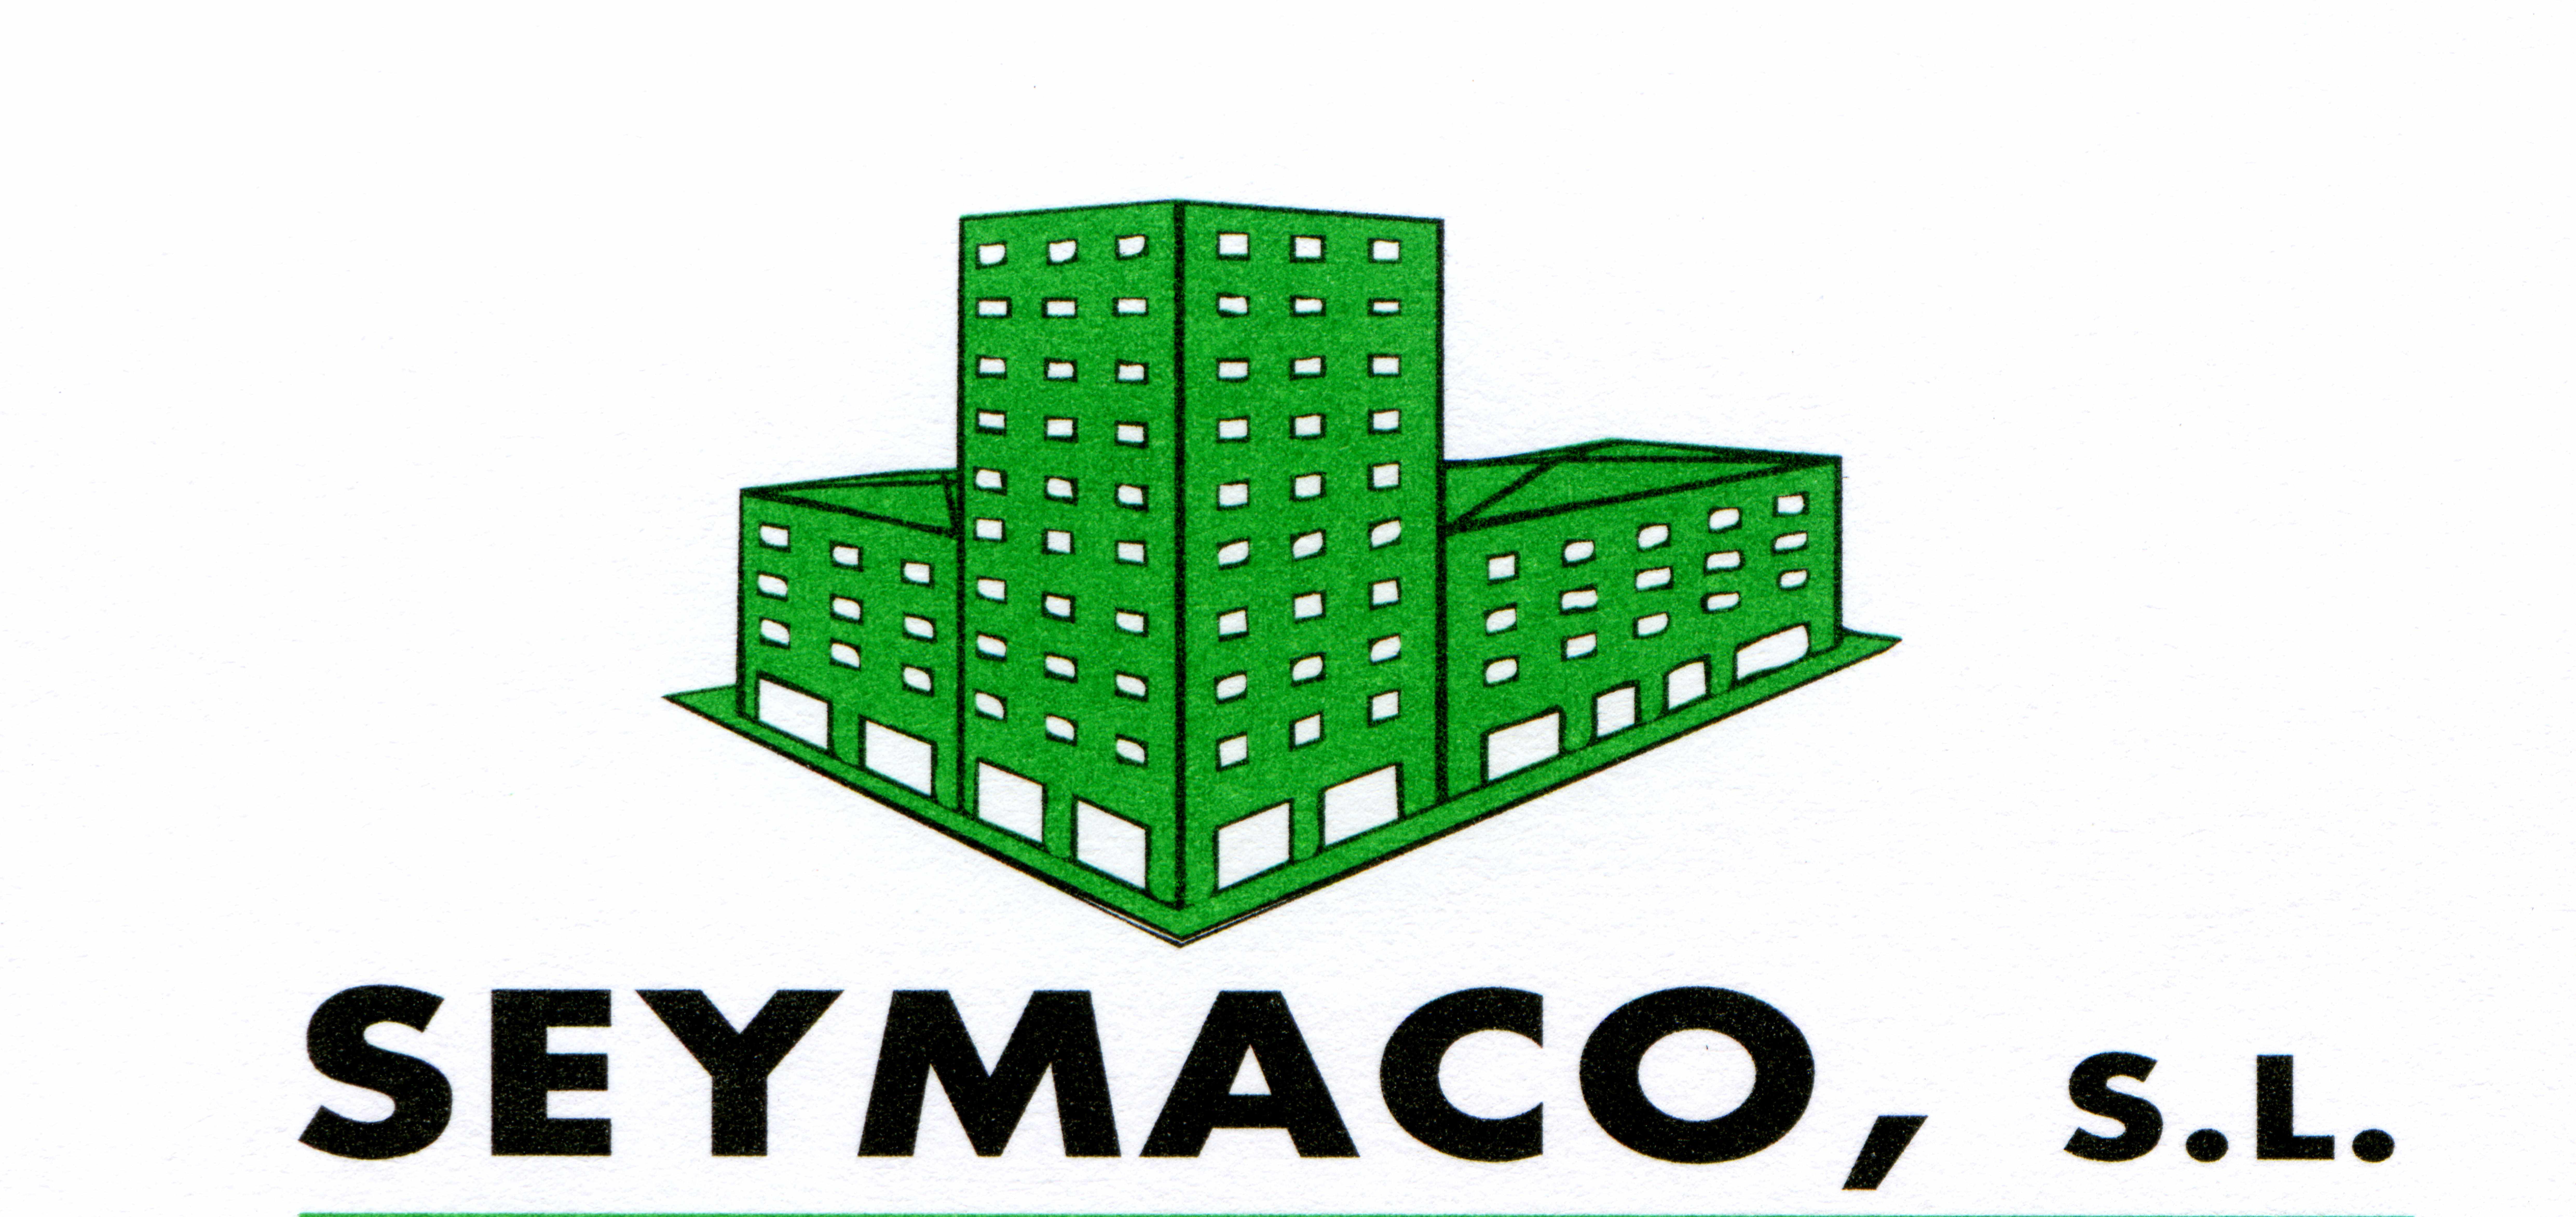 Seymaco